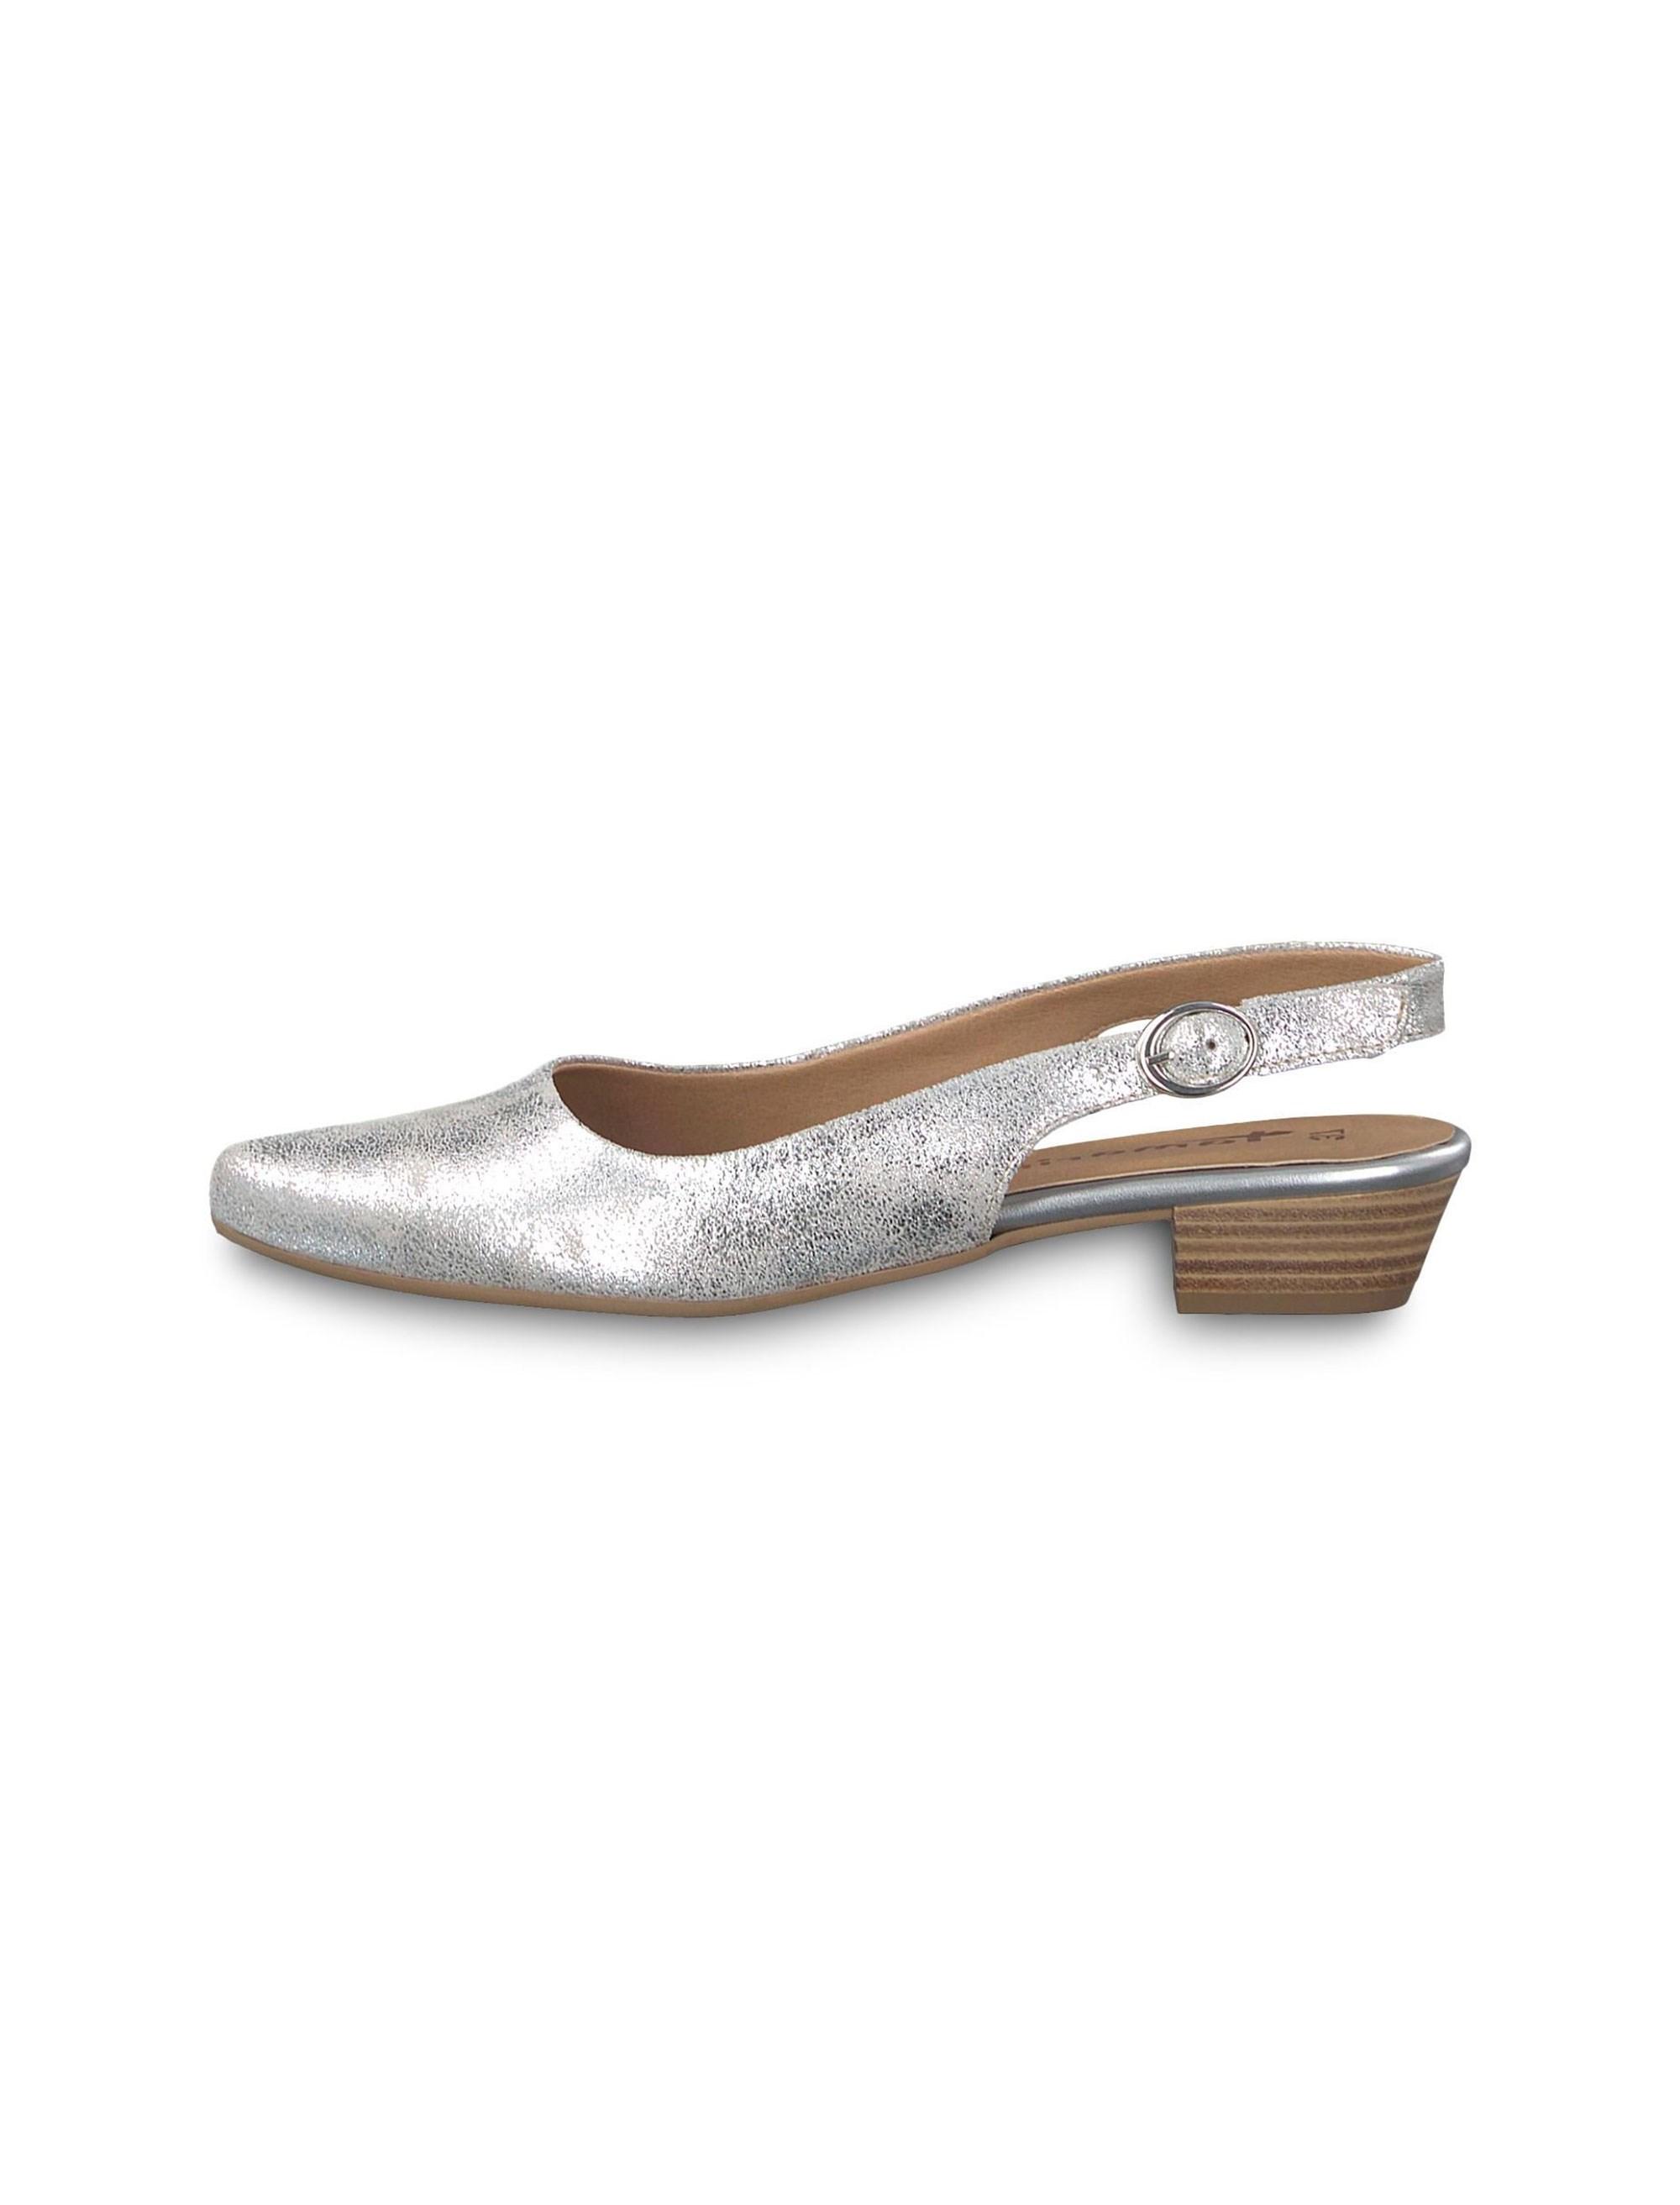 کفش پاشنه دار زنانه Trina - تاماریس - نقره اي - 3